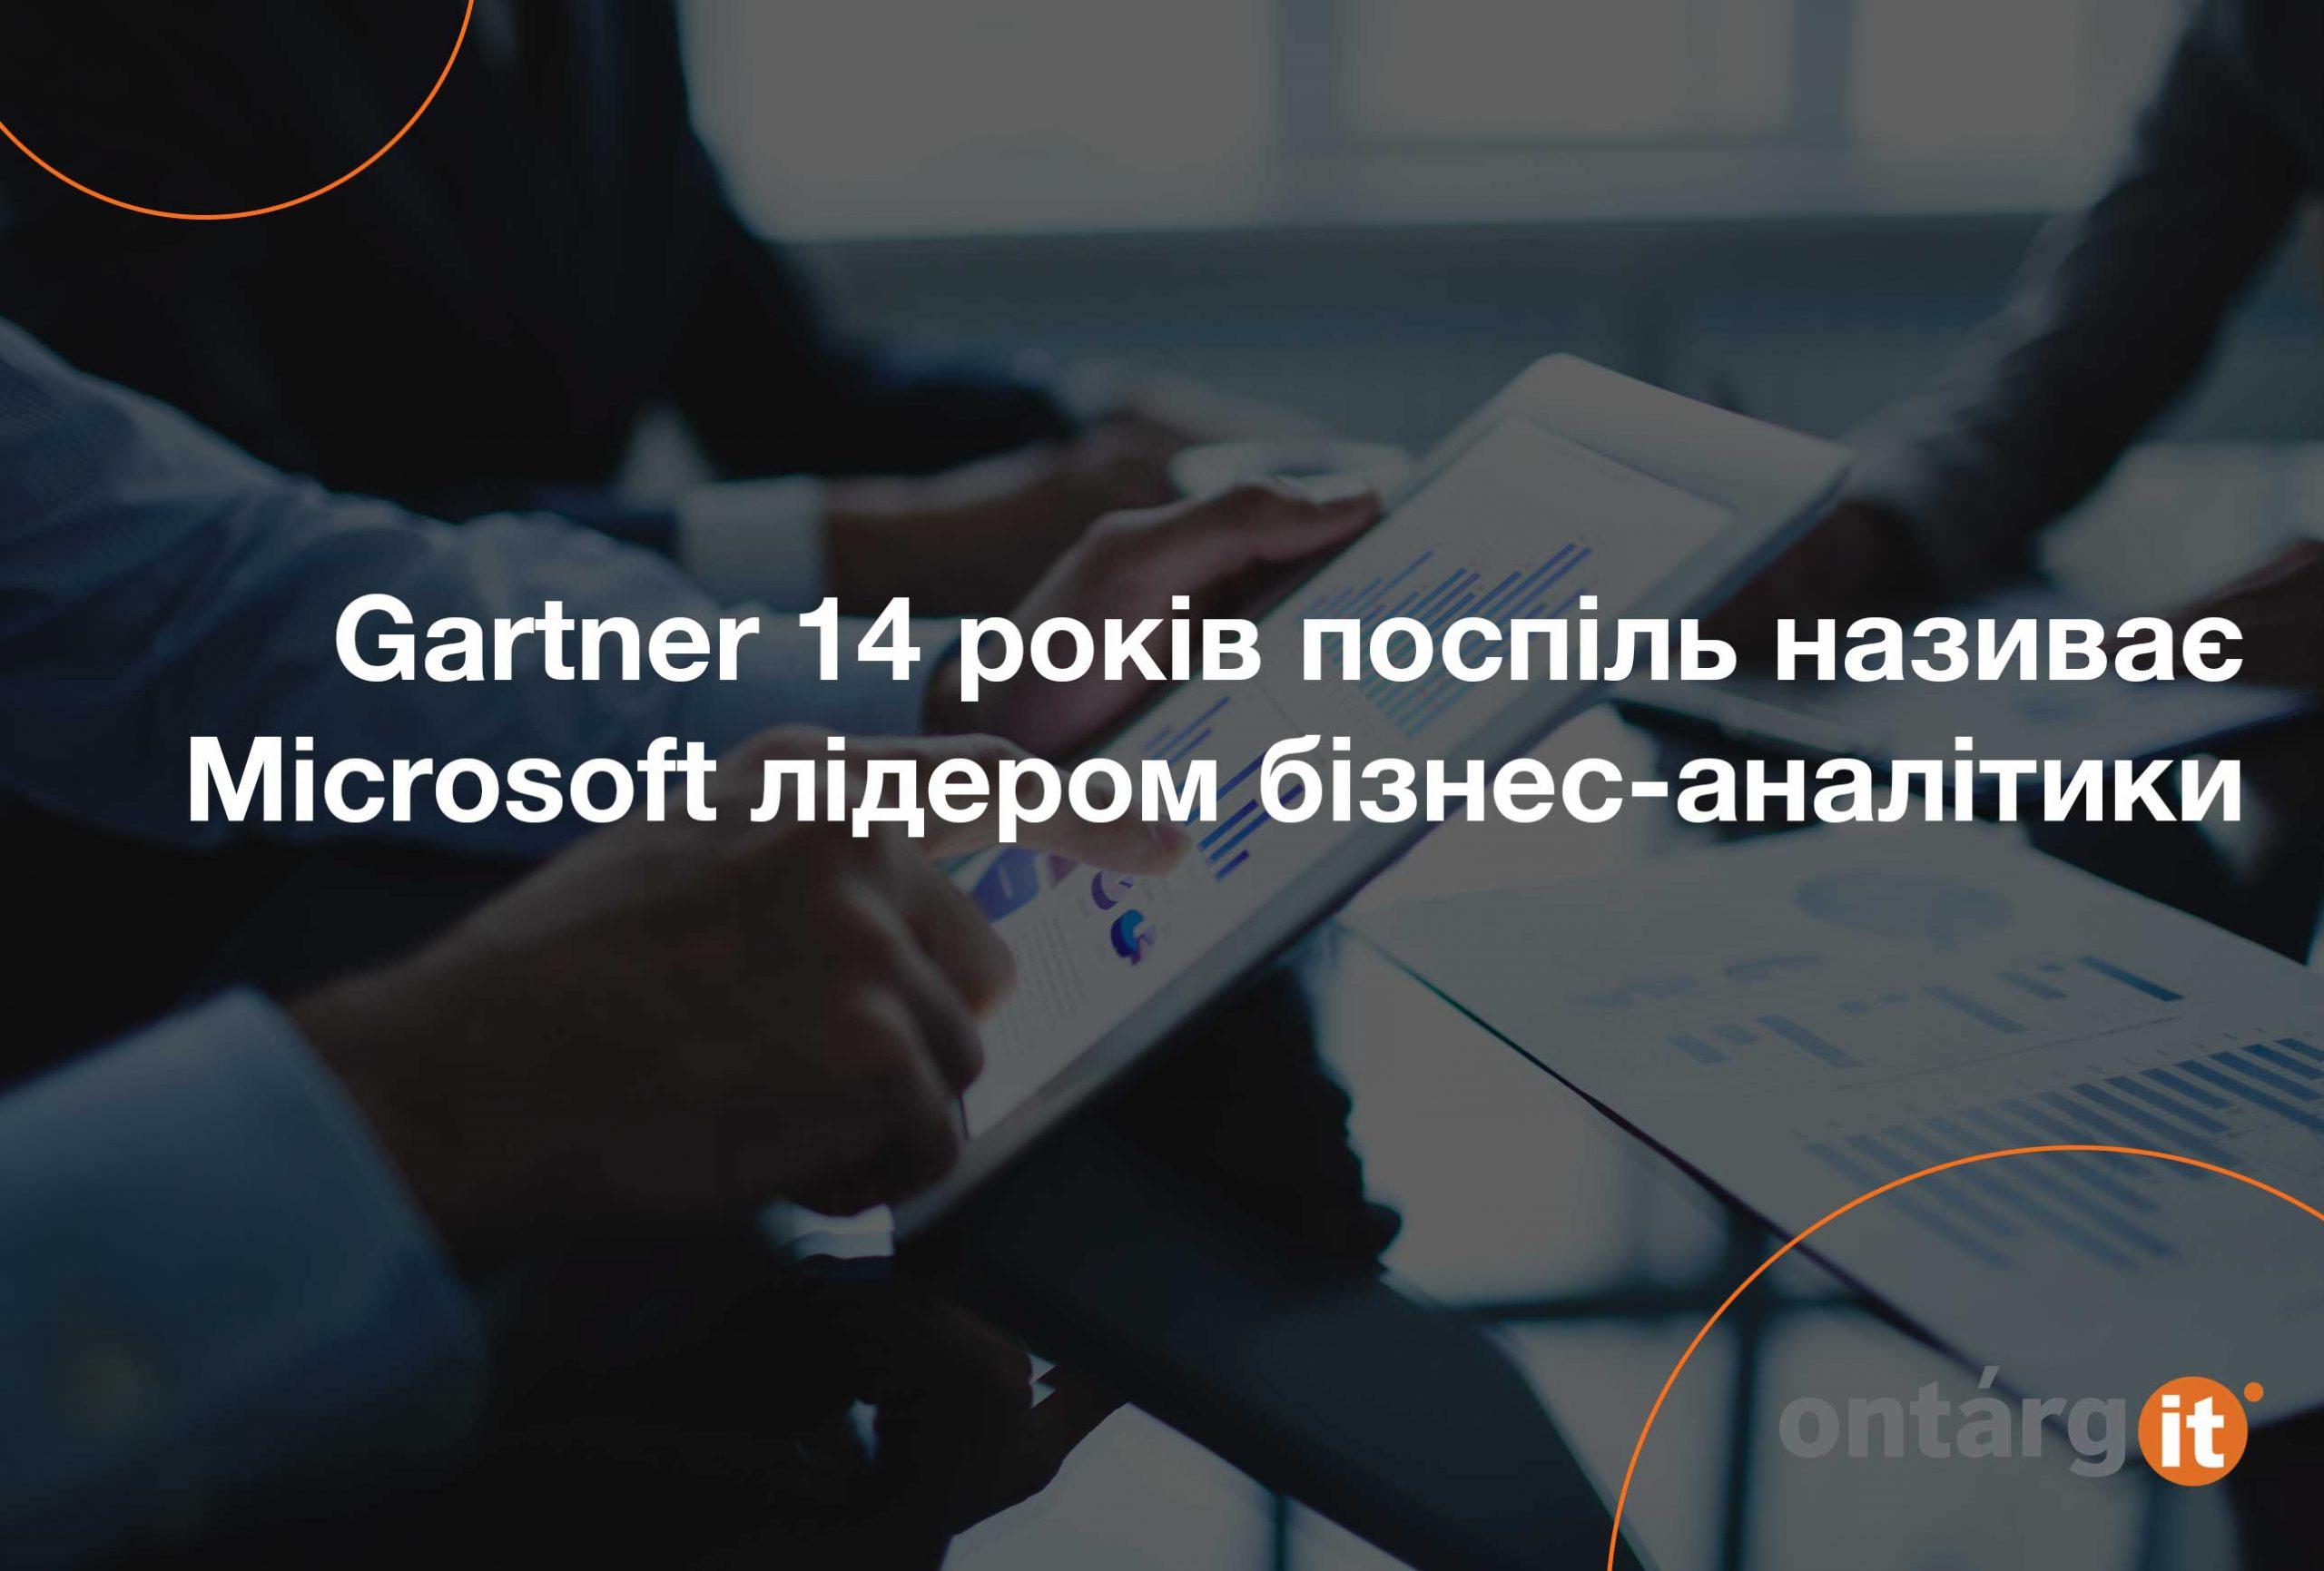 Gartner-14-років-поспіль-називає-Microsoft-лідером-бізнес-аналітики